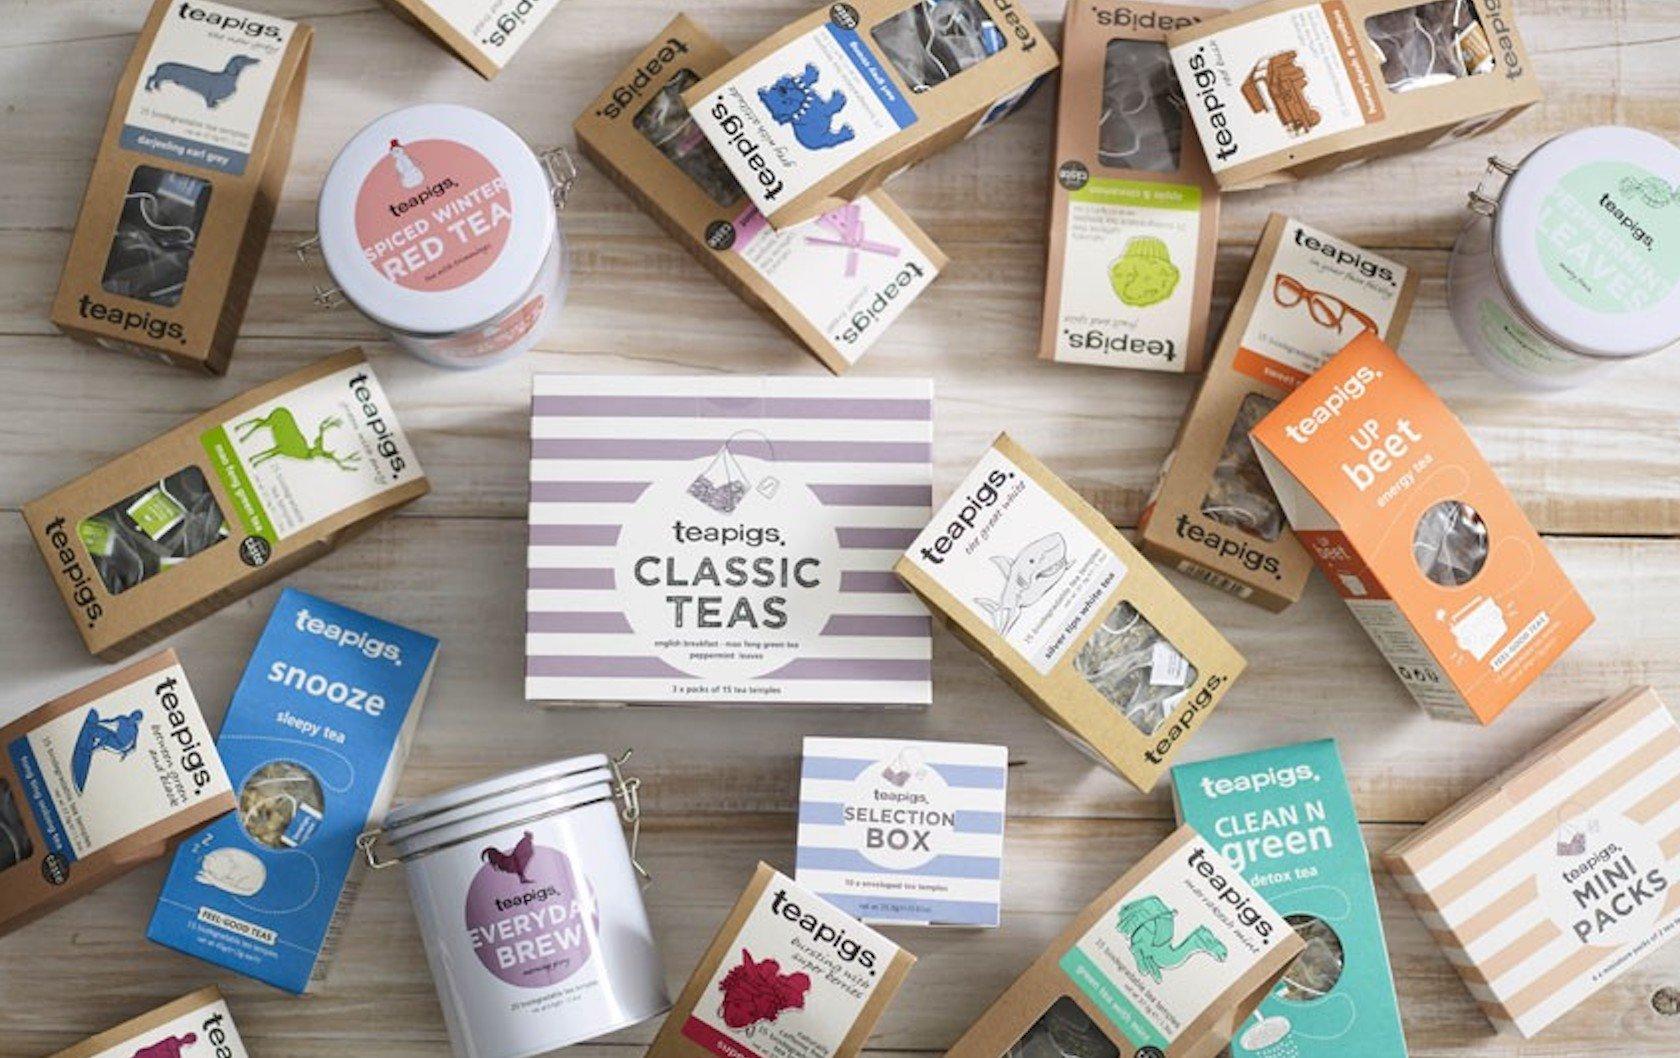 edible London souvenirs by London Perfect